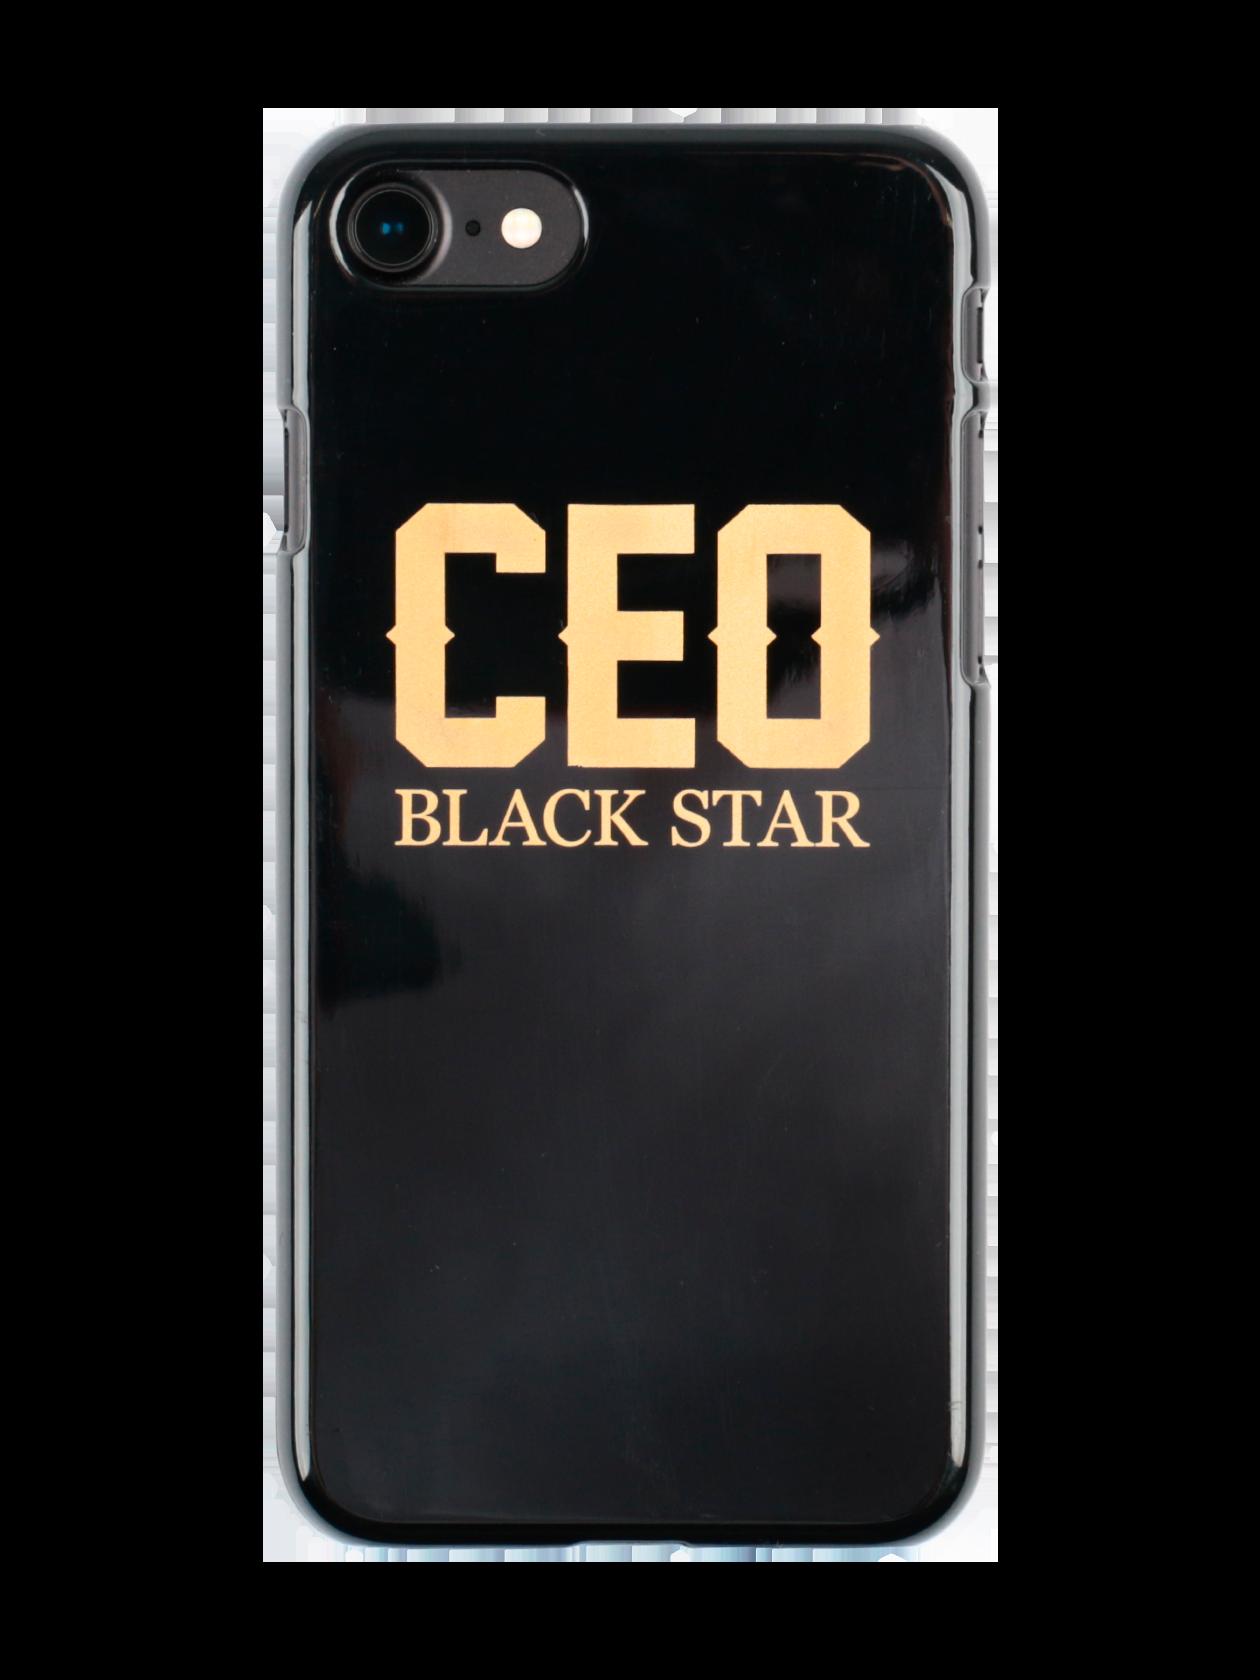 Чехол для телефона ROYALTY CEOЧехол для телефона Ceo Royalty – прочный аксессуар, изготовленный из пластика. Легкая модель не изменяет размеры мобильного устройства, надежно удерживая его с внутренней стороны. Отверстия полностью соответствуют разъемам и функциям управления, поэтому при использовании не нужно снимать каждый раз чехол. Изделие выполнено в черном цвете, декорировано стильной контрастной надписью «Ceo Black Star». Идеальное решение для предотвращения преждевременного износа девайса.<br><br>Размер: 5<br>Цвет: Черный<br>Пол: Унисекс